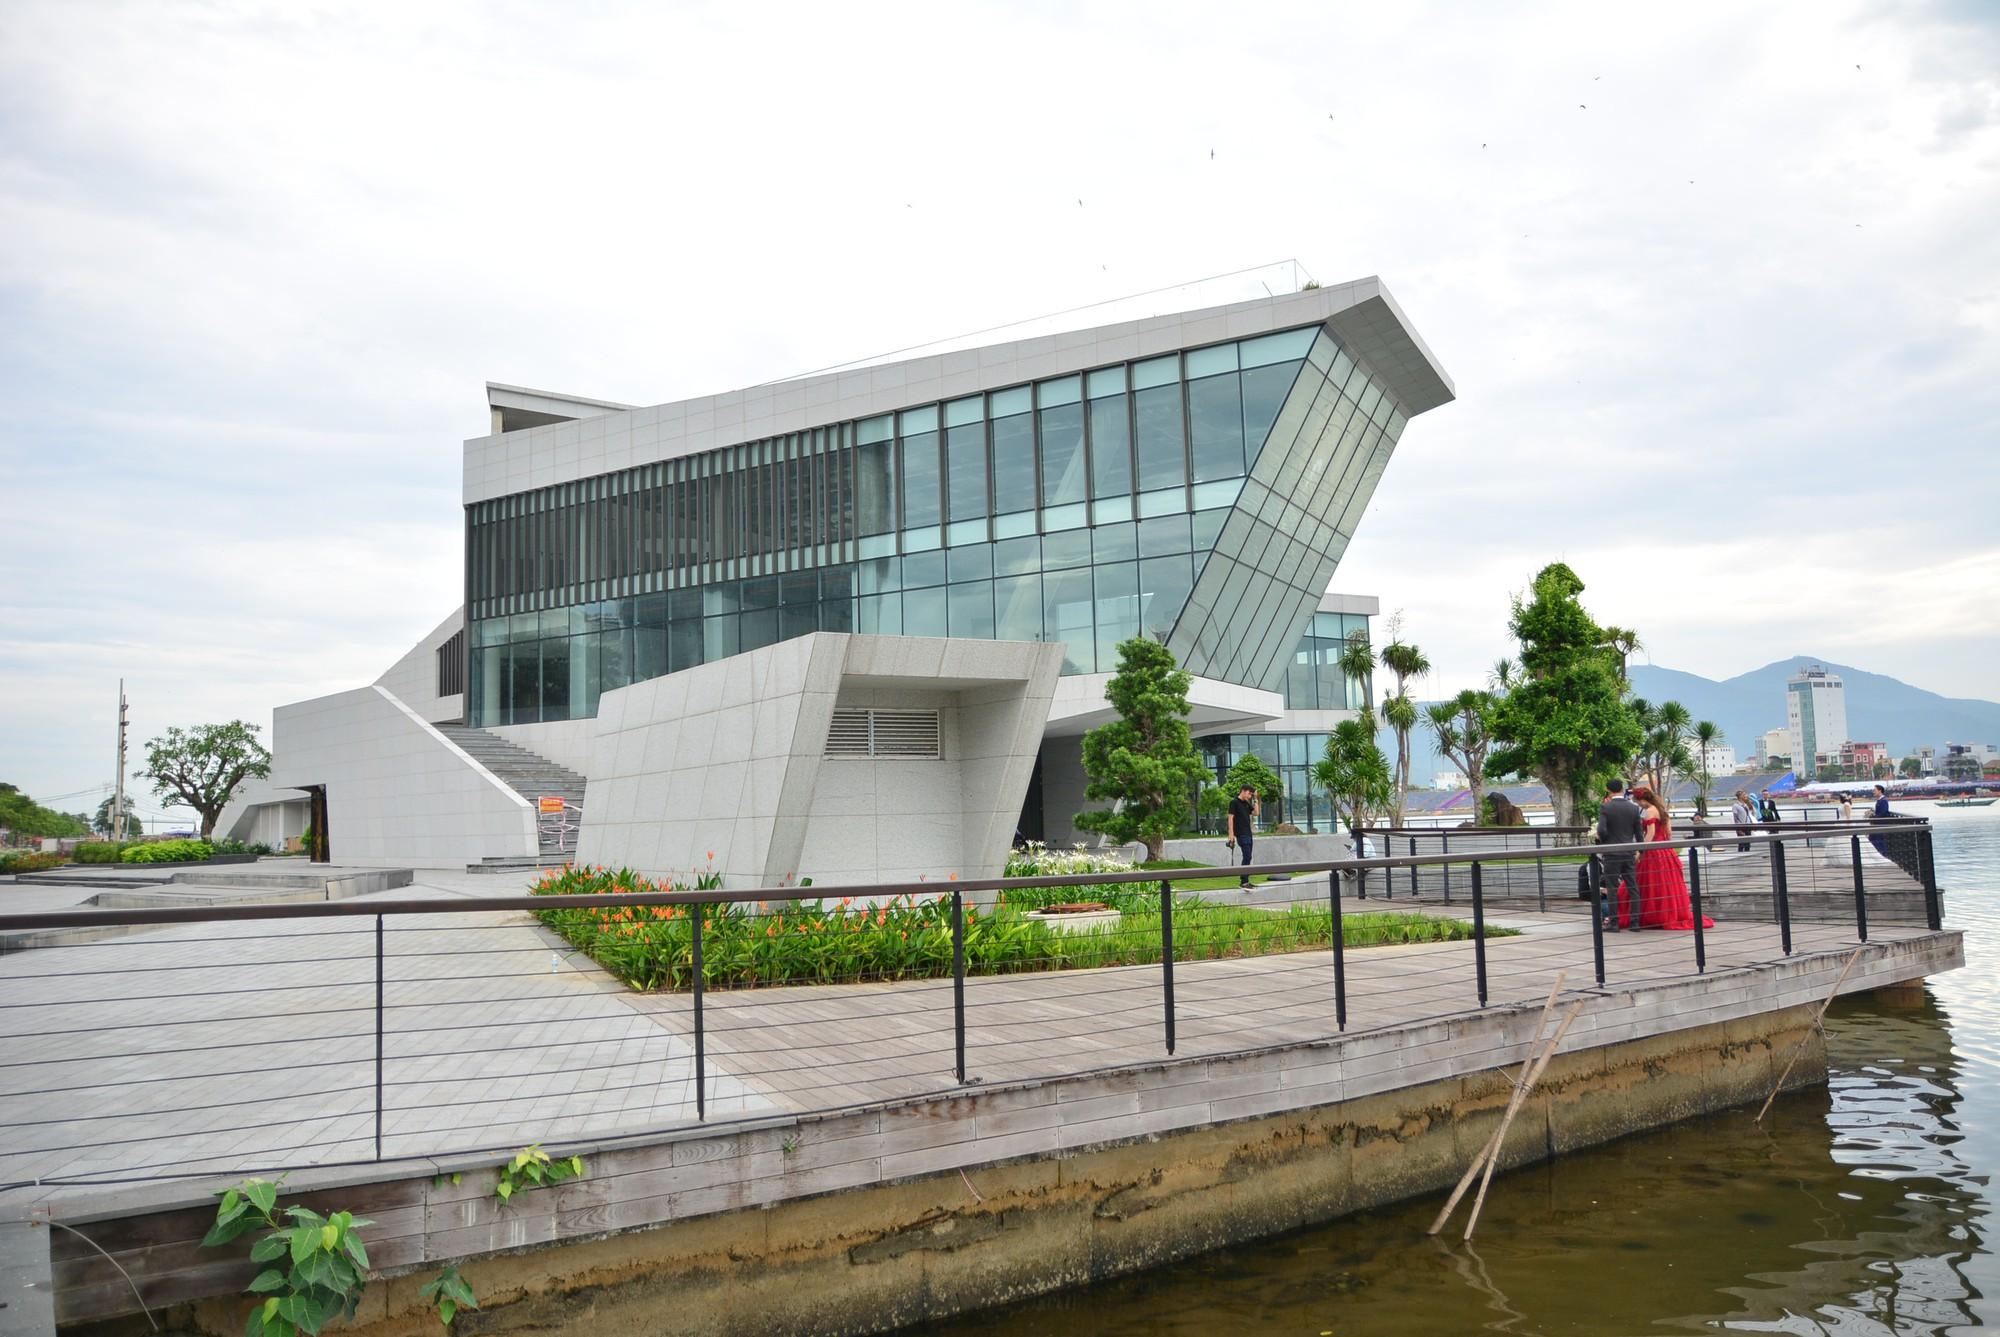 Vụ tạm dừng dự án Marina Complex ở Đà Nẵng: Cận cảnh những công trình, dự án dọc hai bờ sông Hàn hiện nay - Ảnh 15.